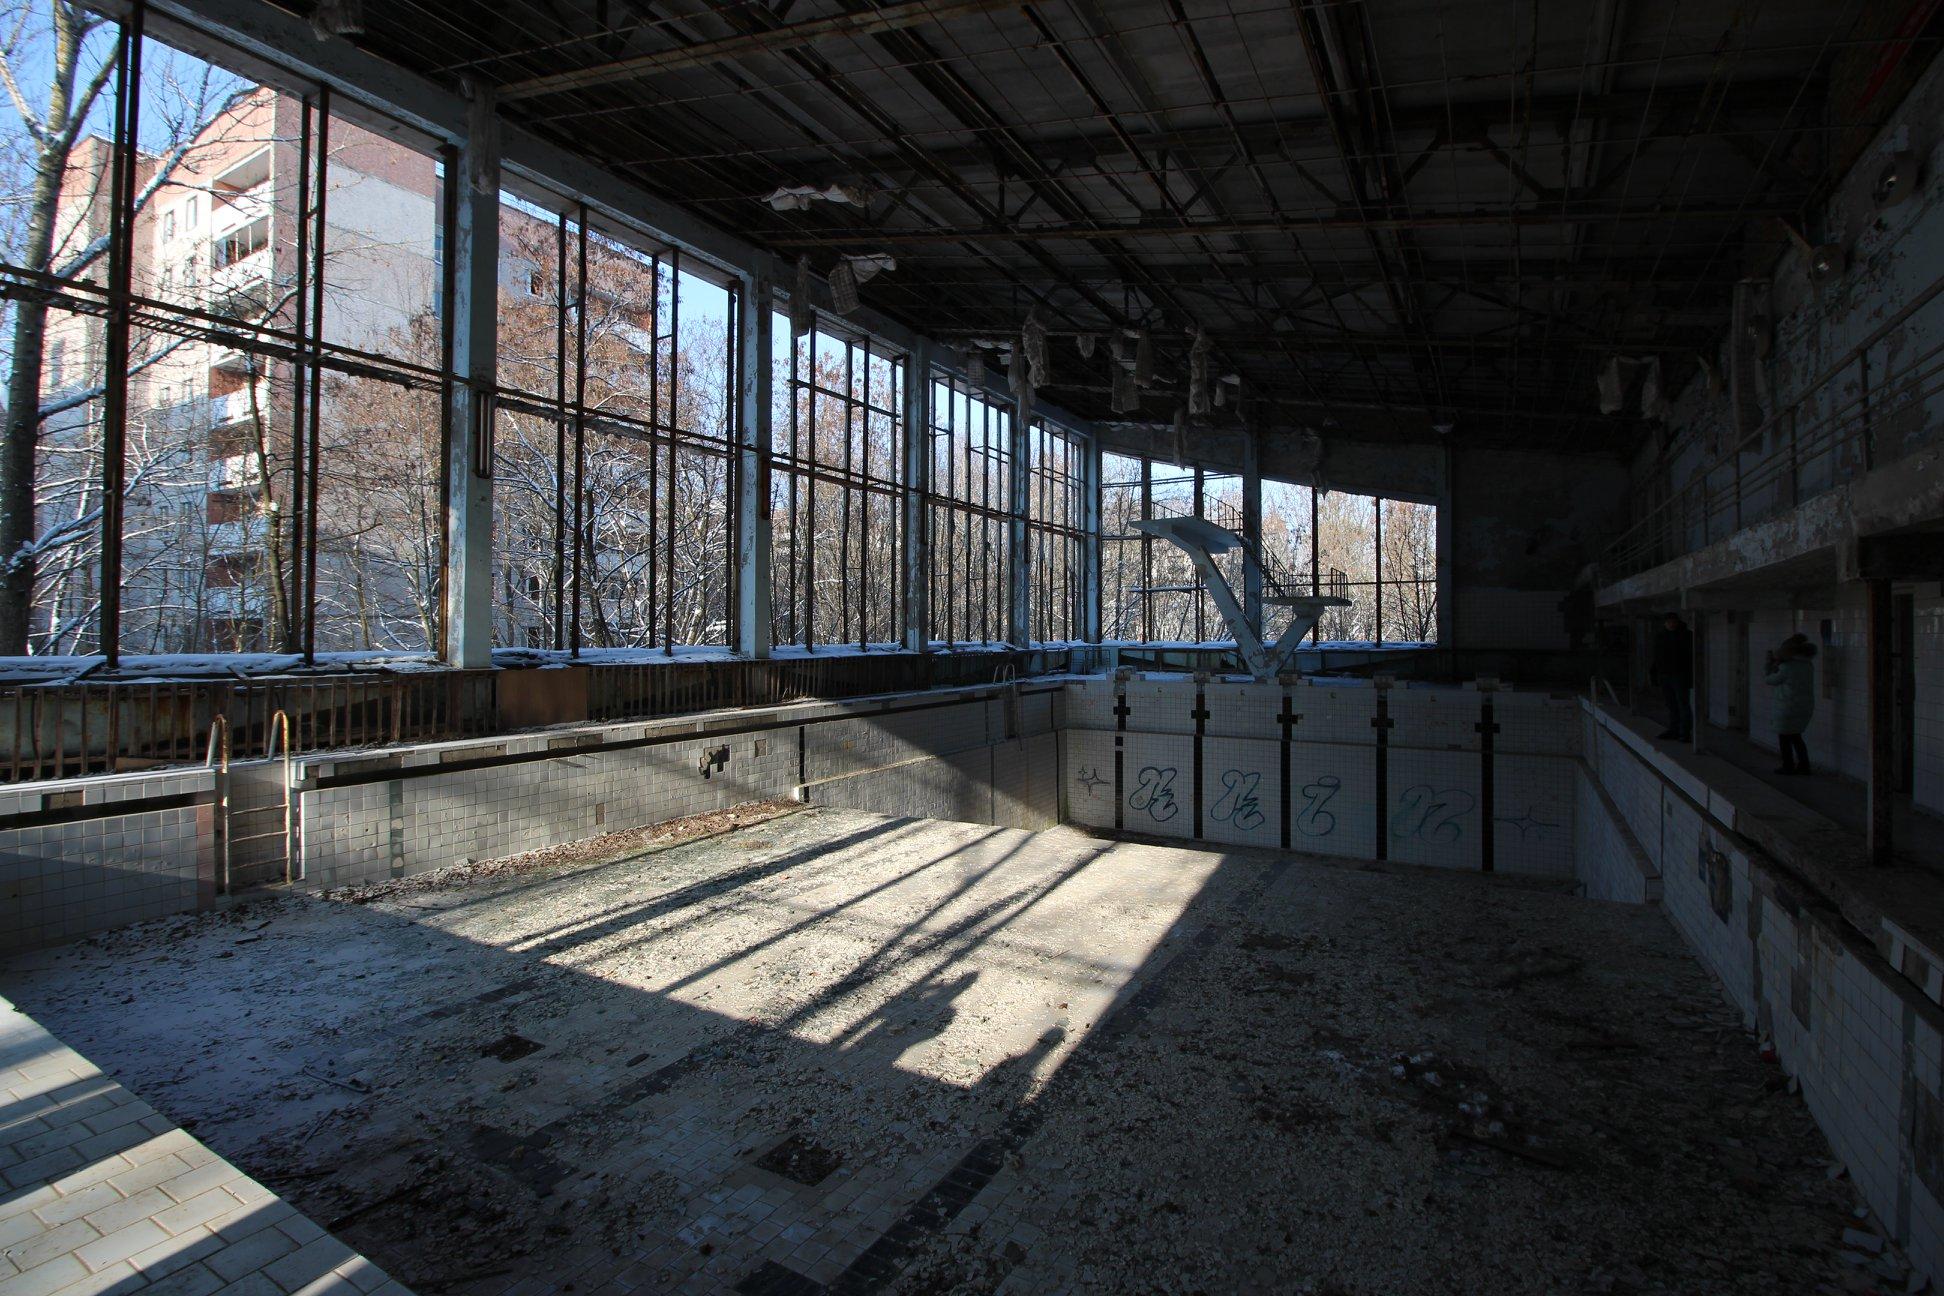 Chernobyl Pripyat 49